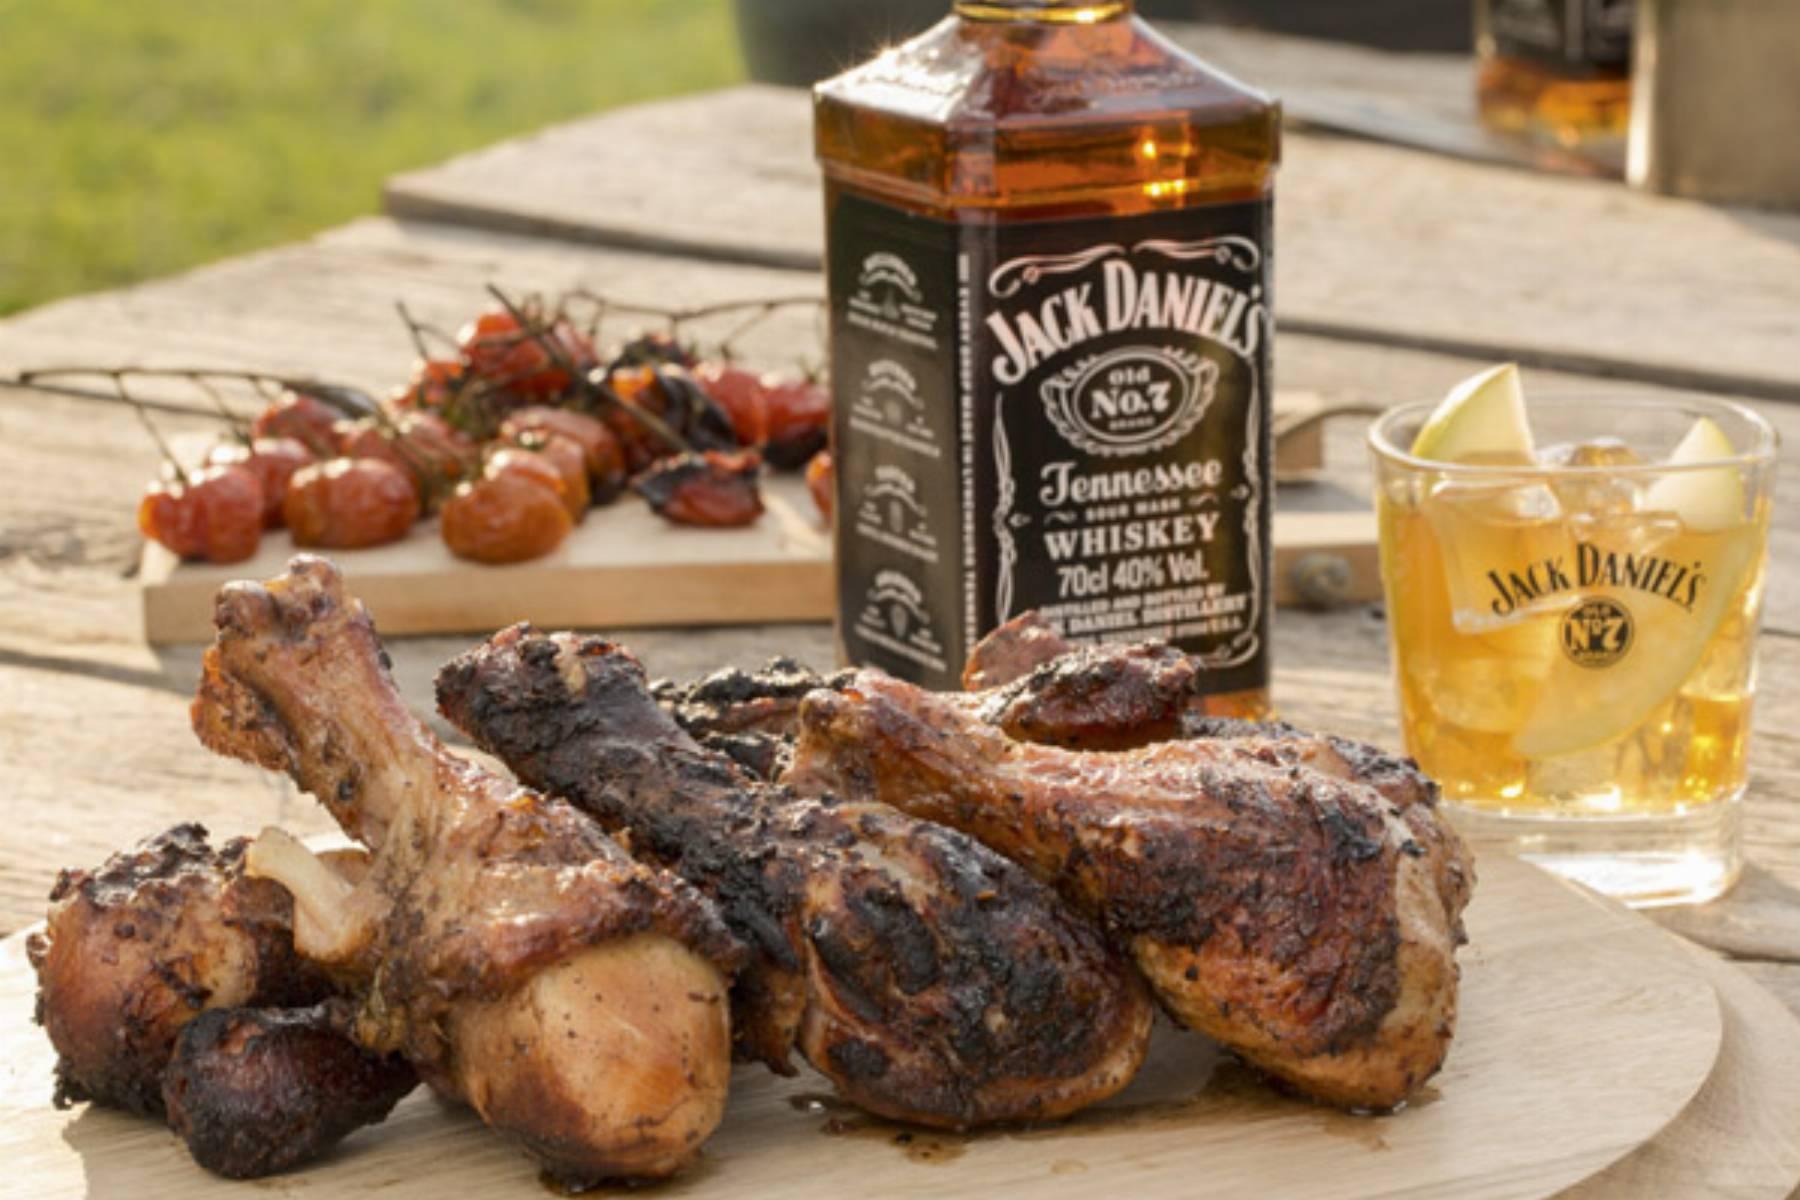 Podudzia kurczaka marynowane z Jack Daniel's i limonkami